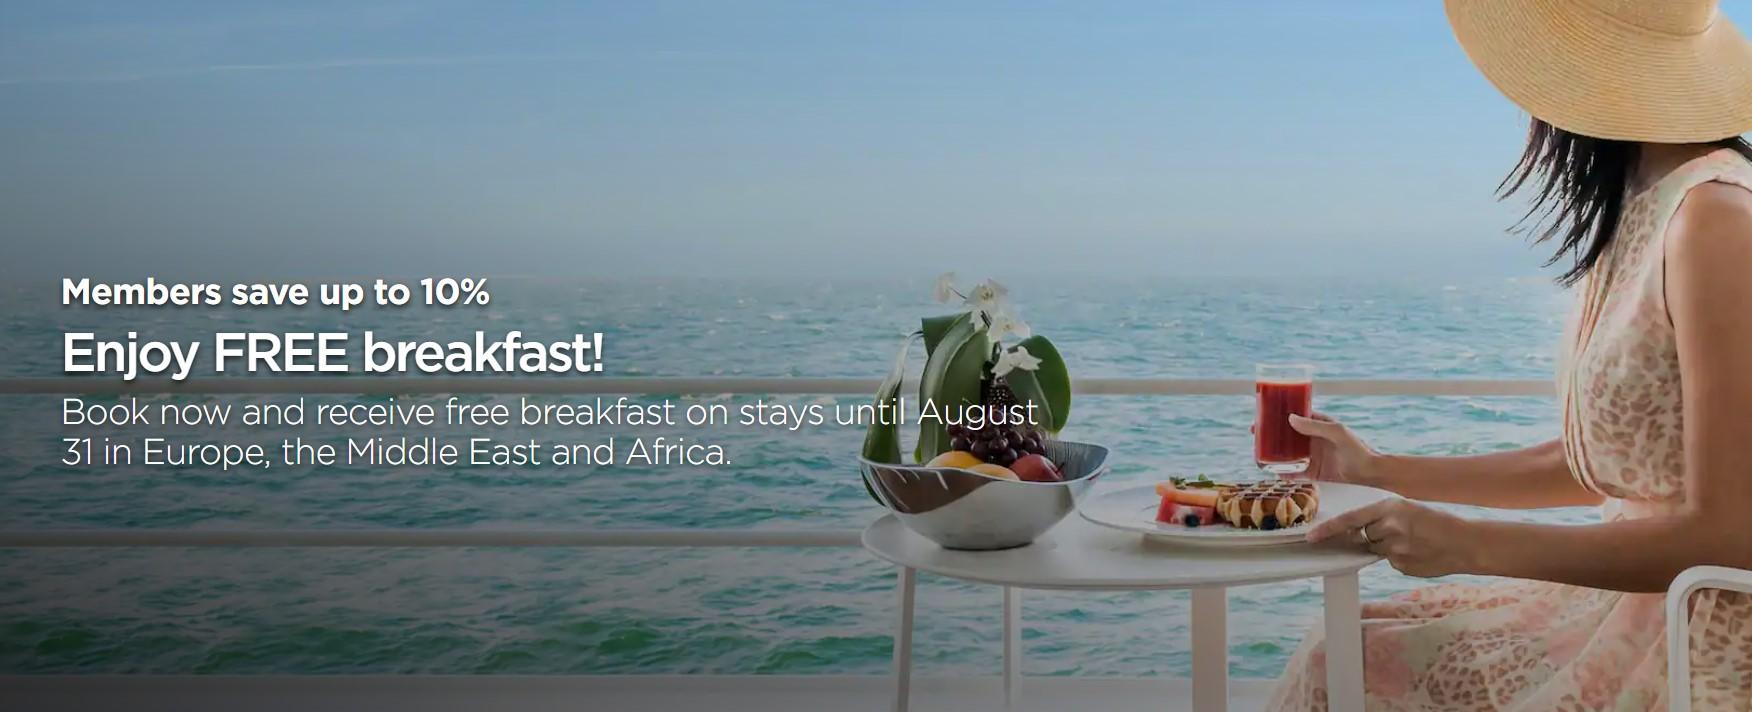 Бесплатный завтрак в отелях Radisson в EMEA